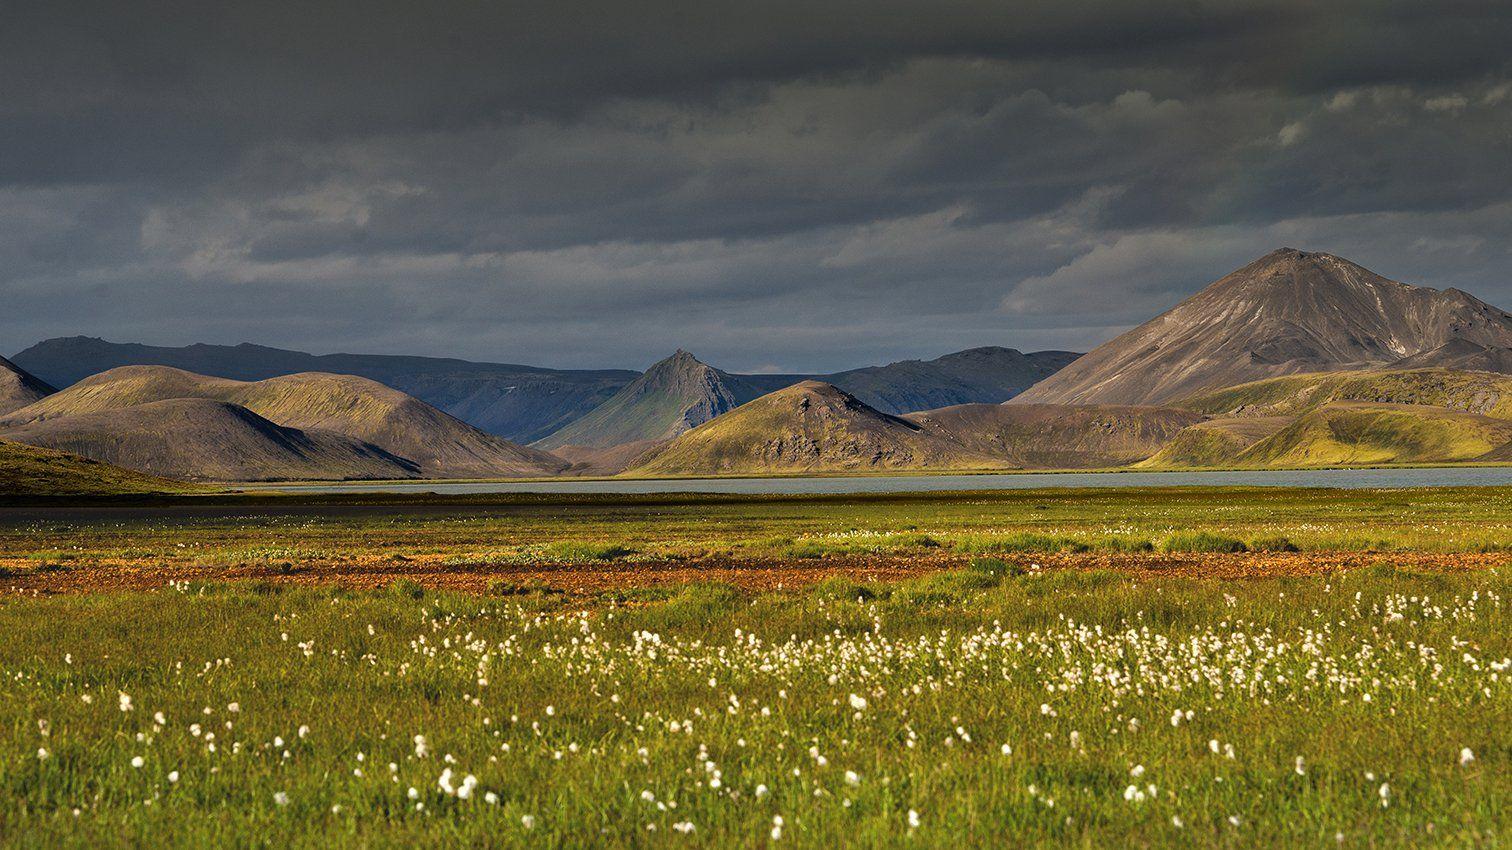 исландия,  iceland,  пейзажи исландии, горы исландии, цветные горы исландии, путешествие исландия, Татьяна Ефименко